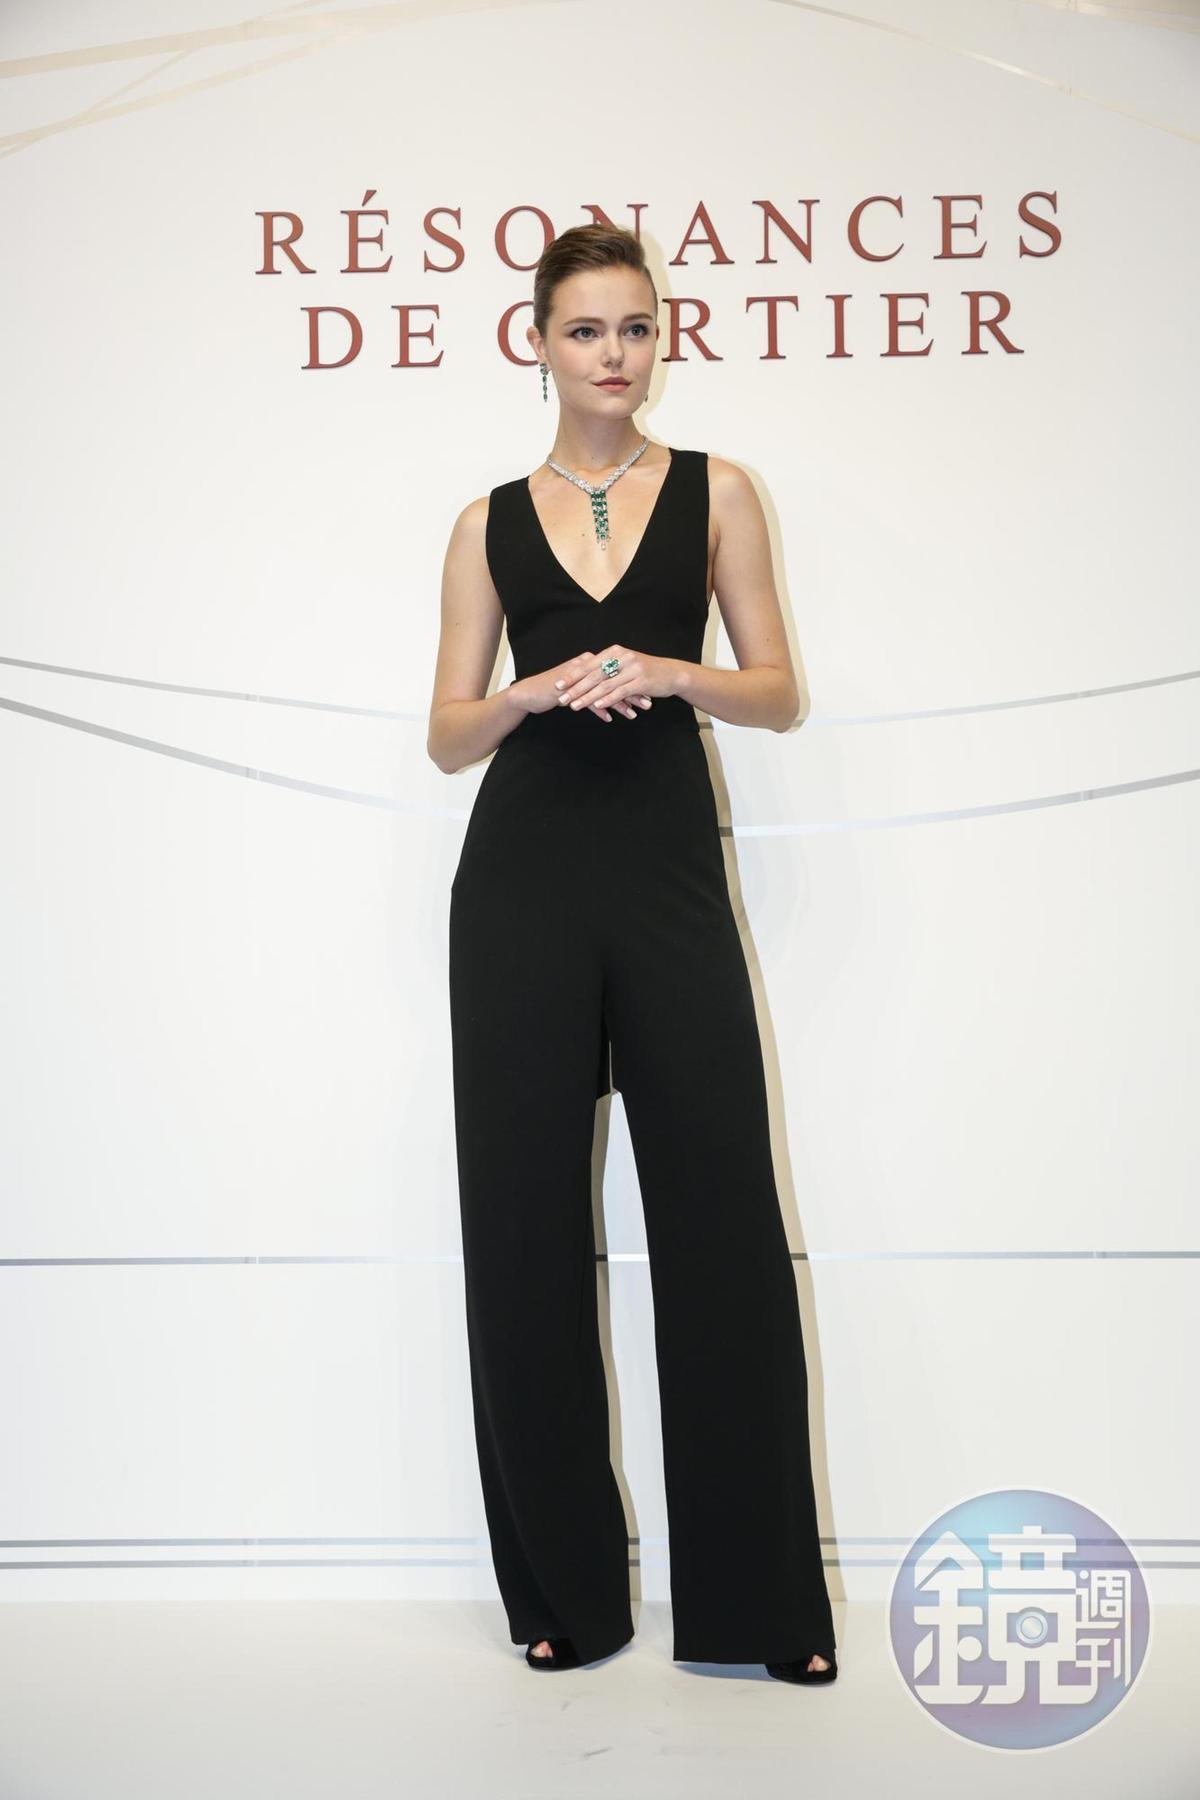 Cartier頂級珠寶展記者會,有model展示極具美感、無可比擬的工藝創作。